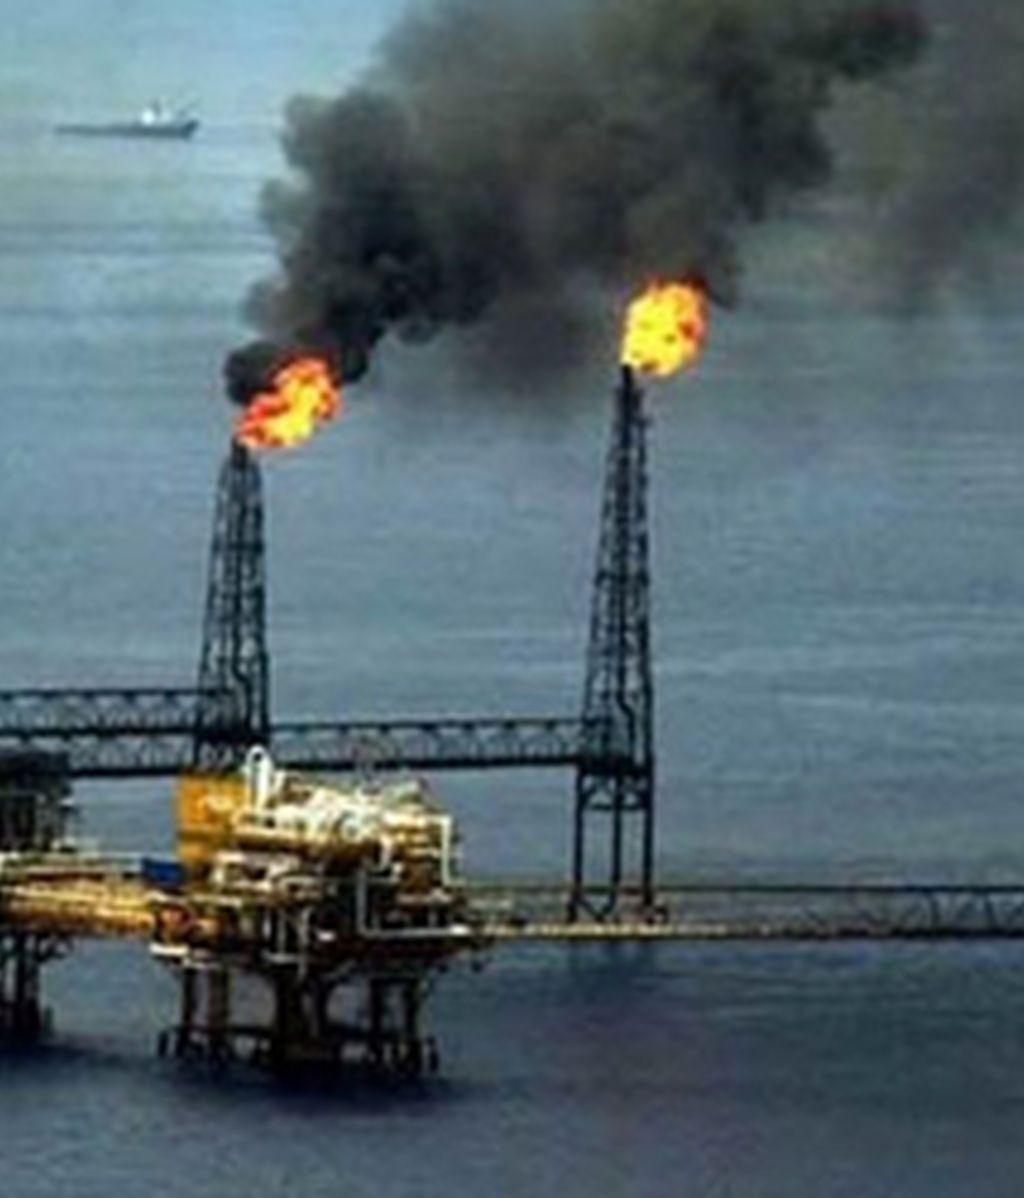 Los consumidores esperan que los países de la OPEP sigan el ejemplo de Arabia.